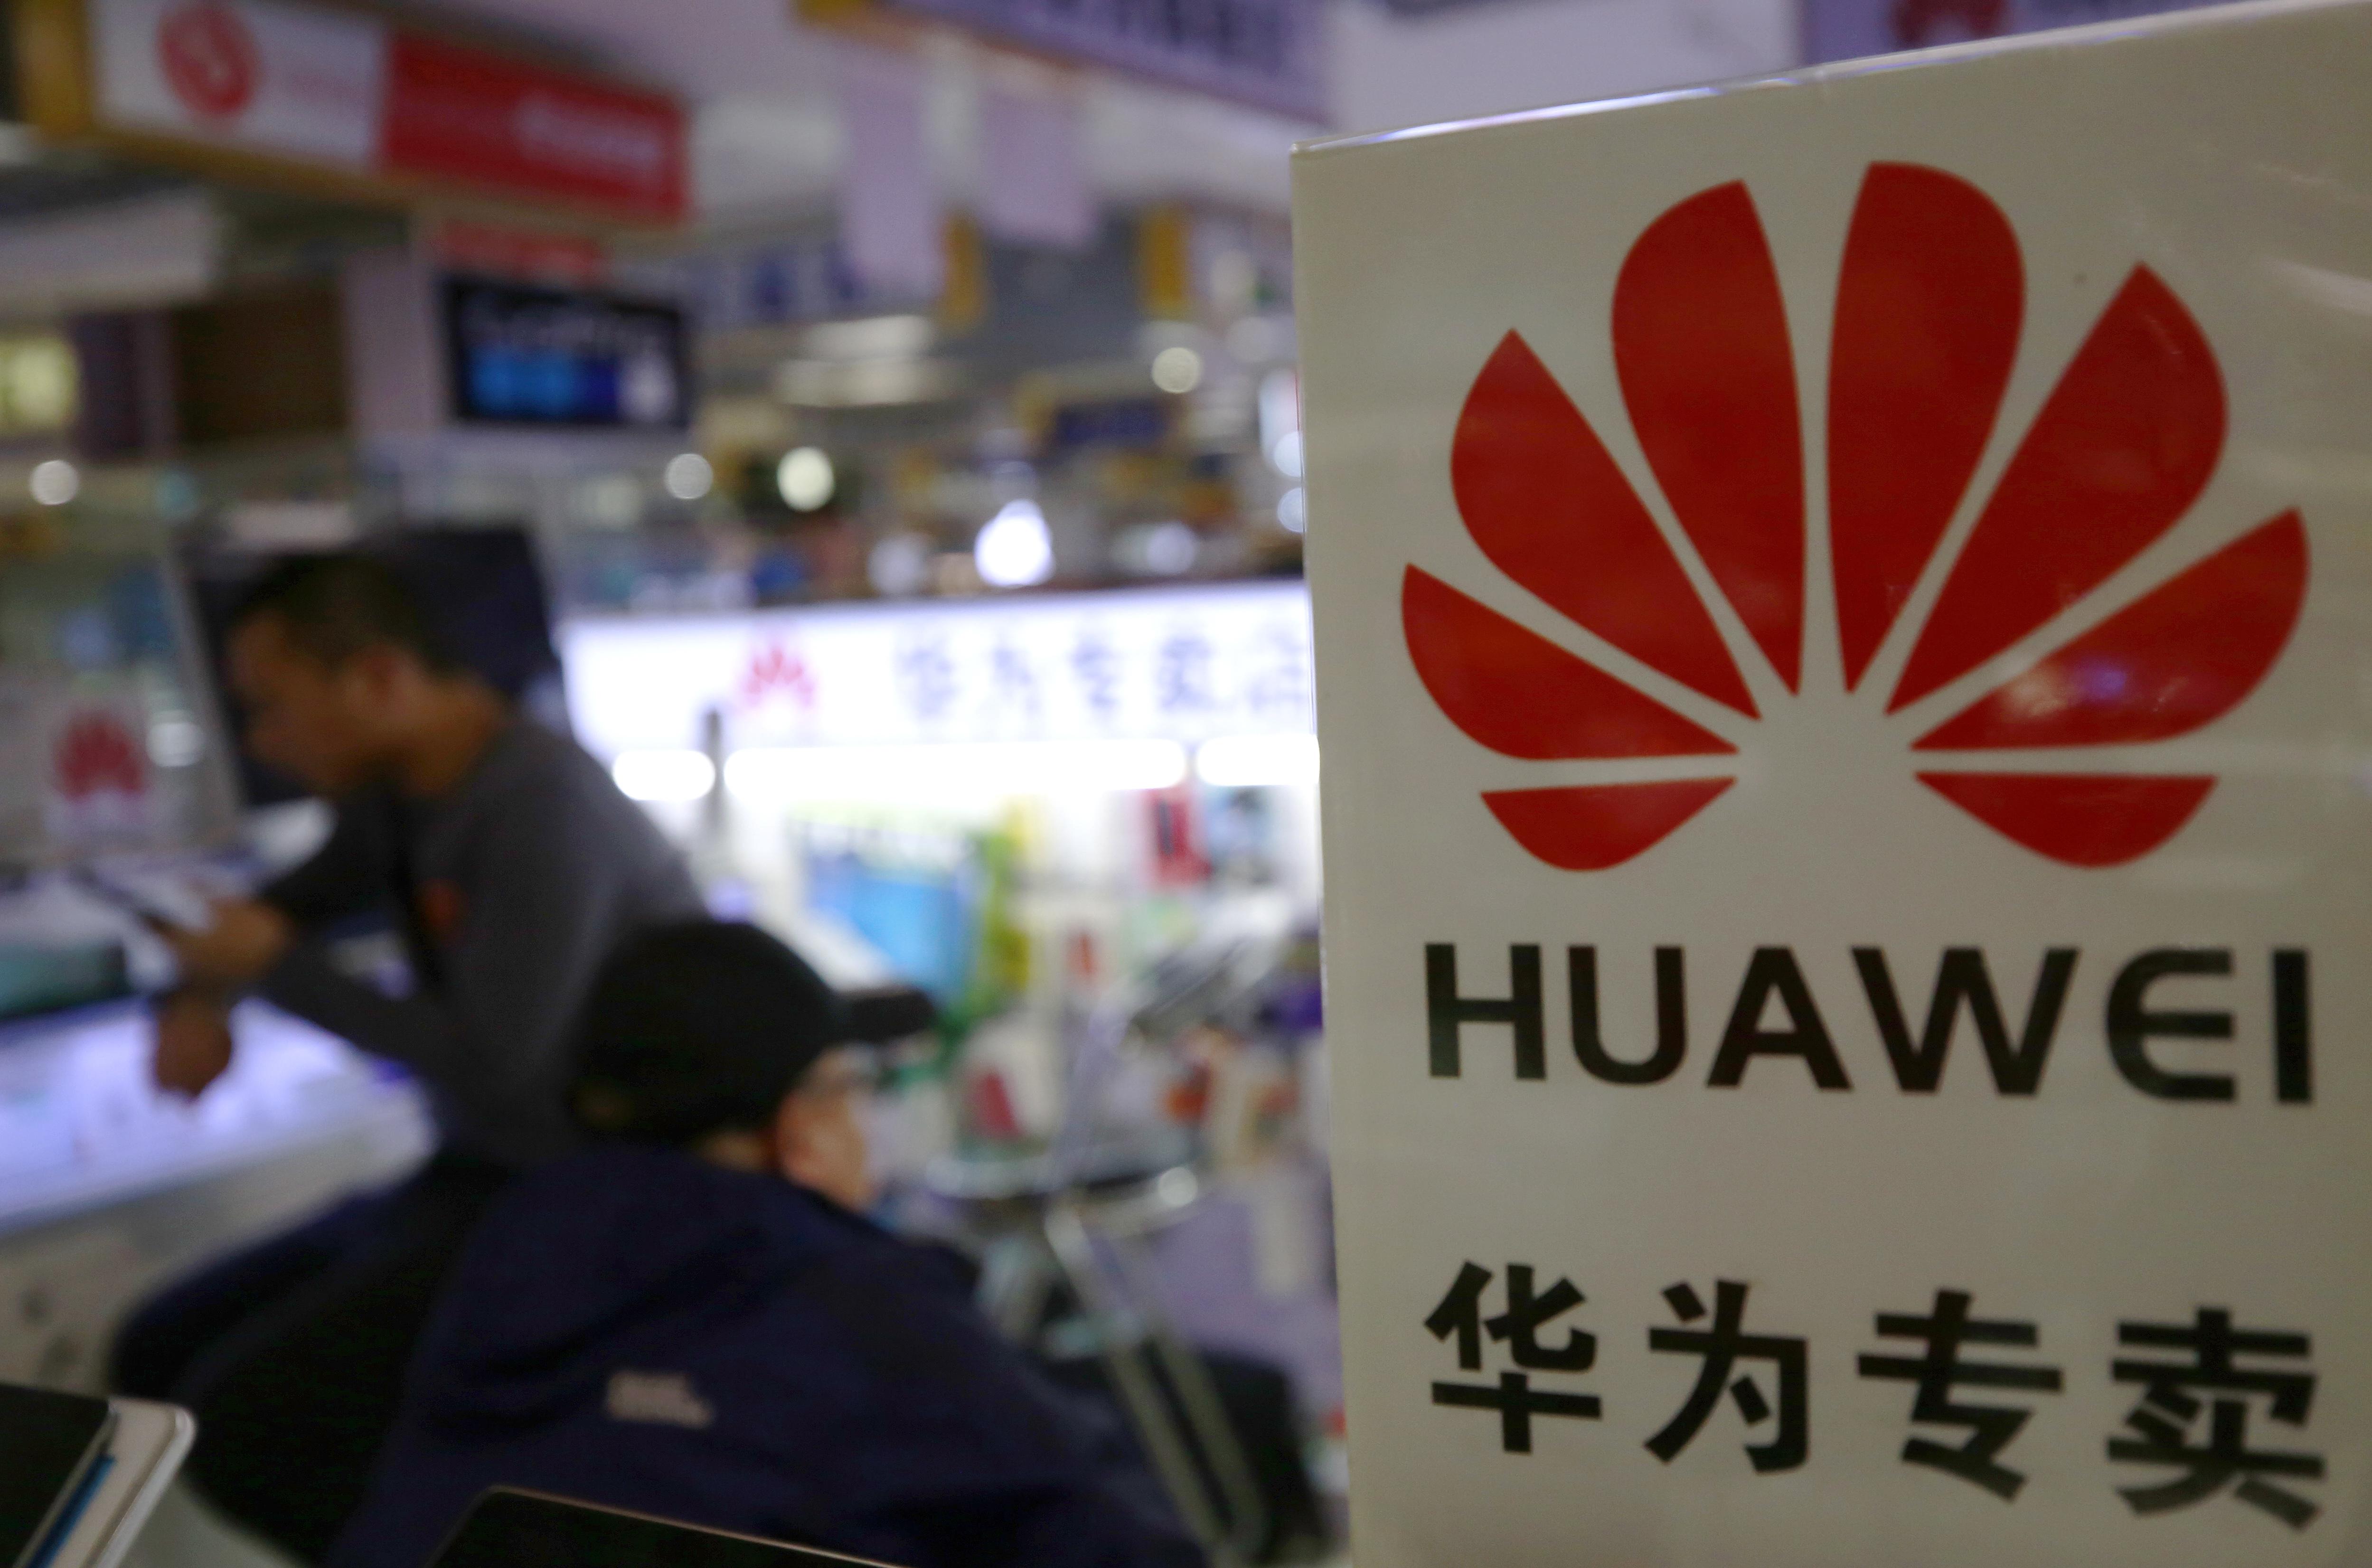 Trudeau otpustio veleposlanika nakon primjedbi o slučaju Huawei